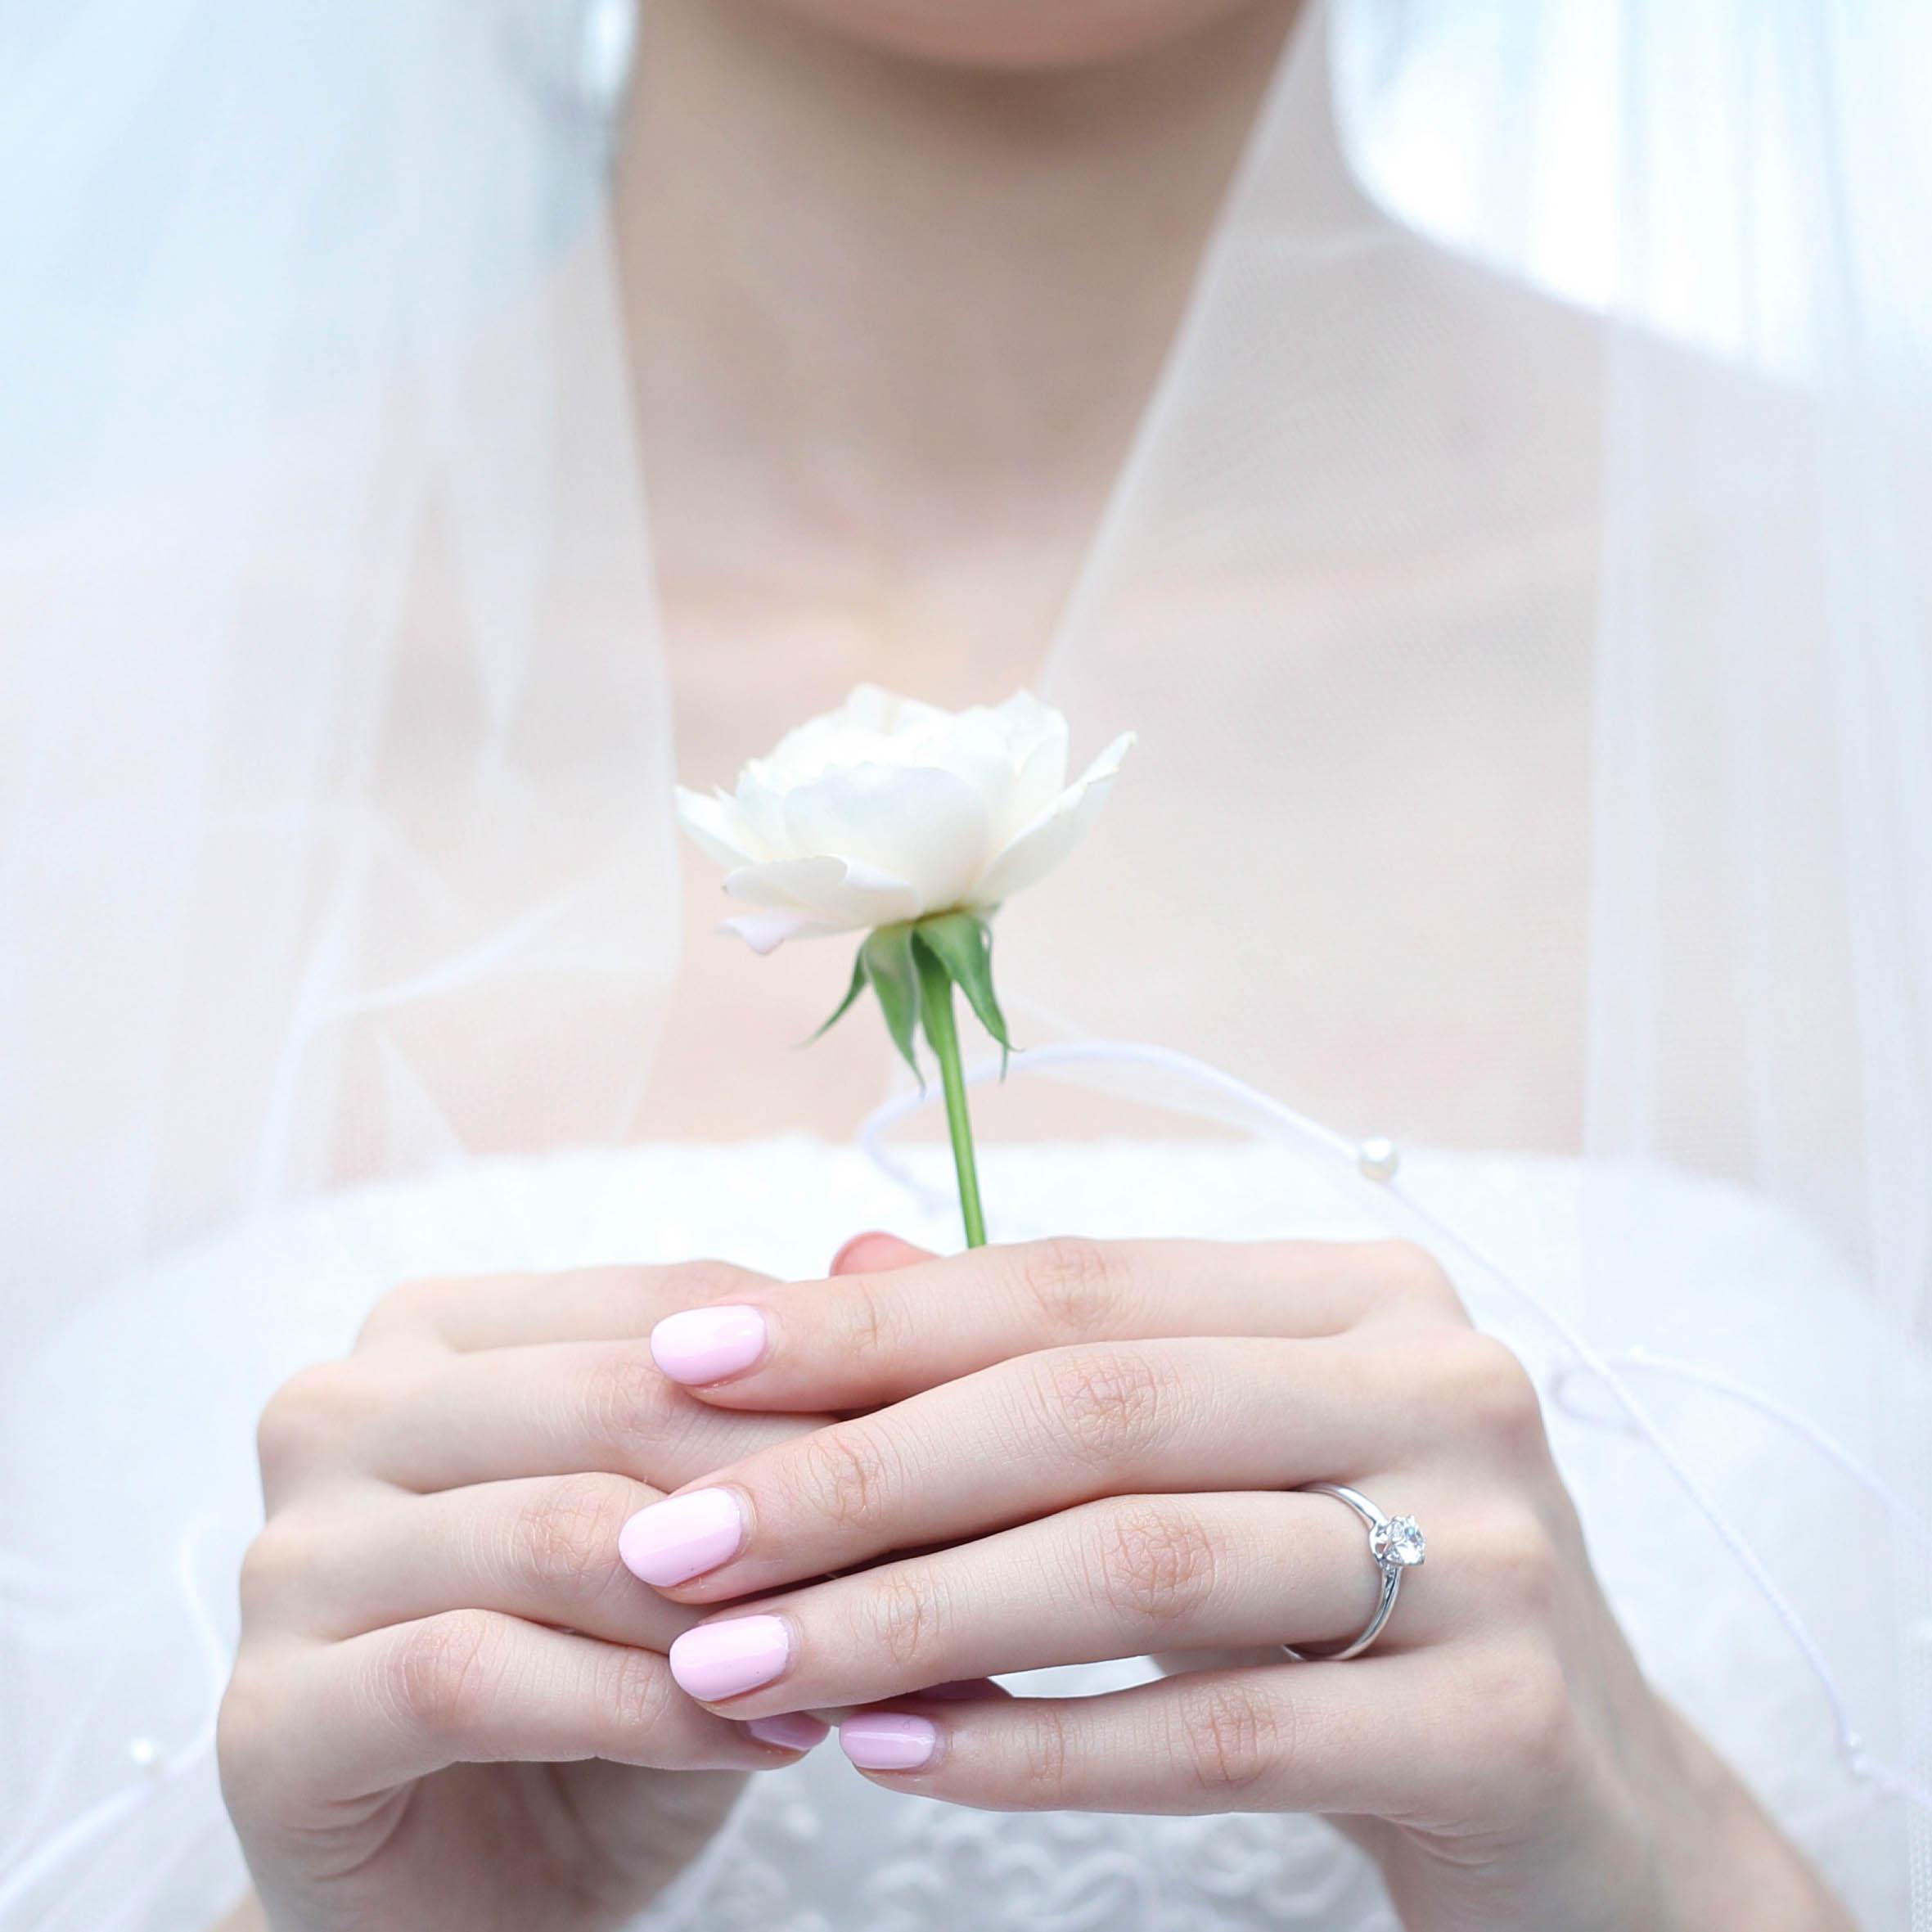 バラの花と婚約指輪 結婚式のブーケ